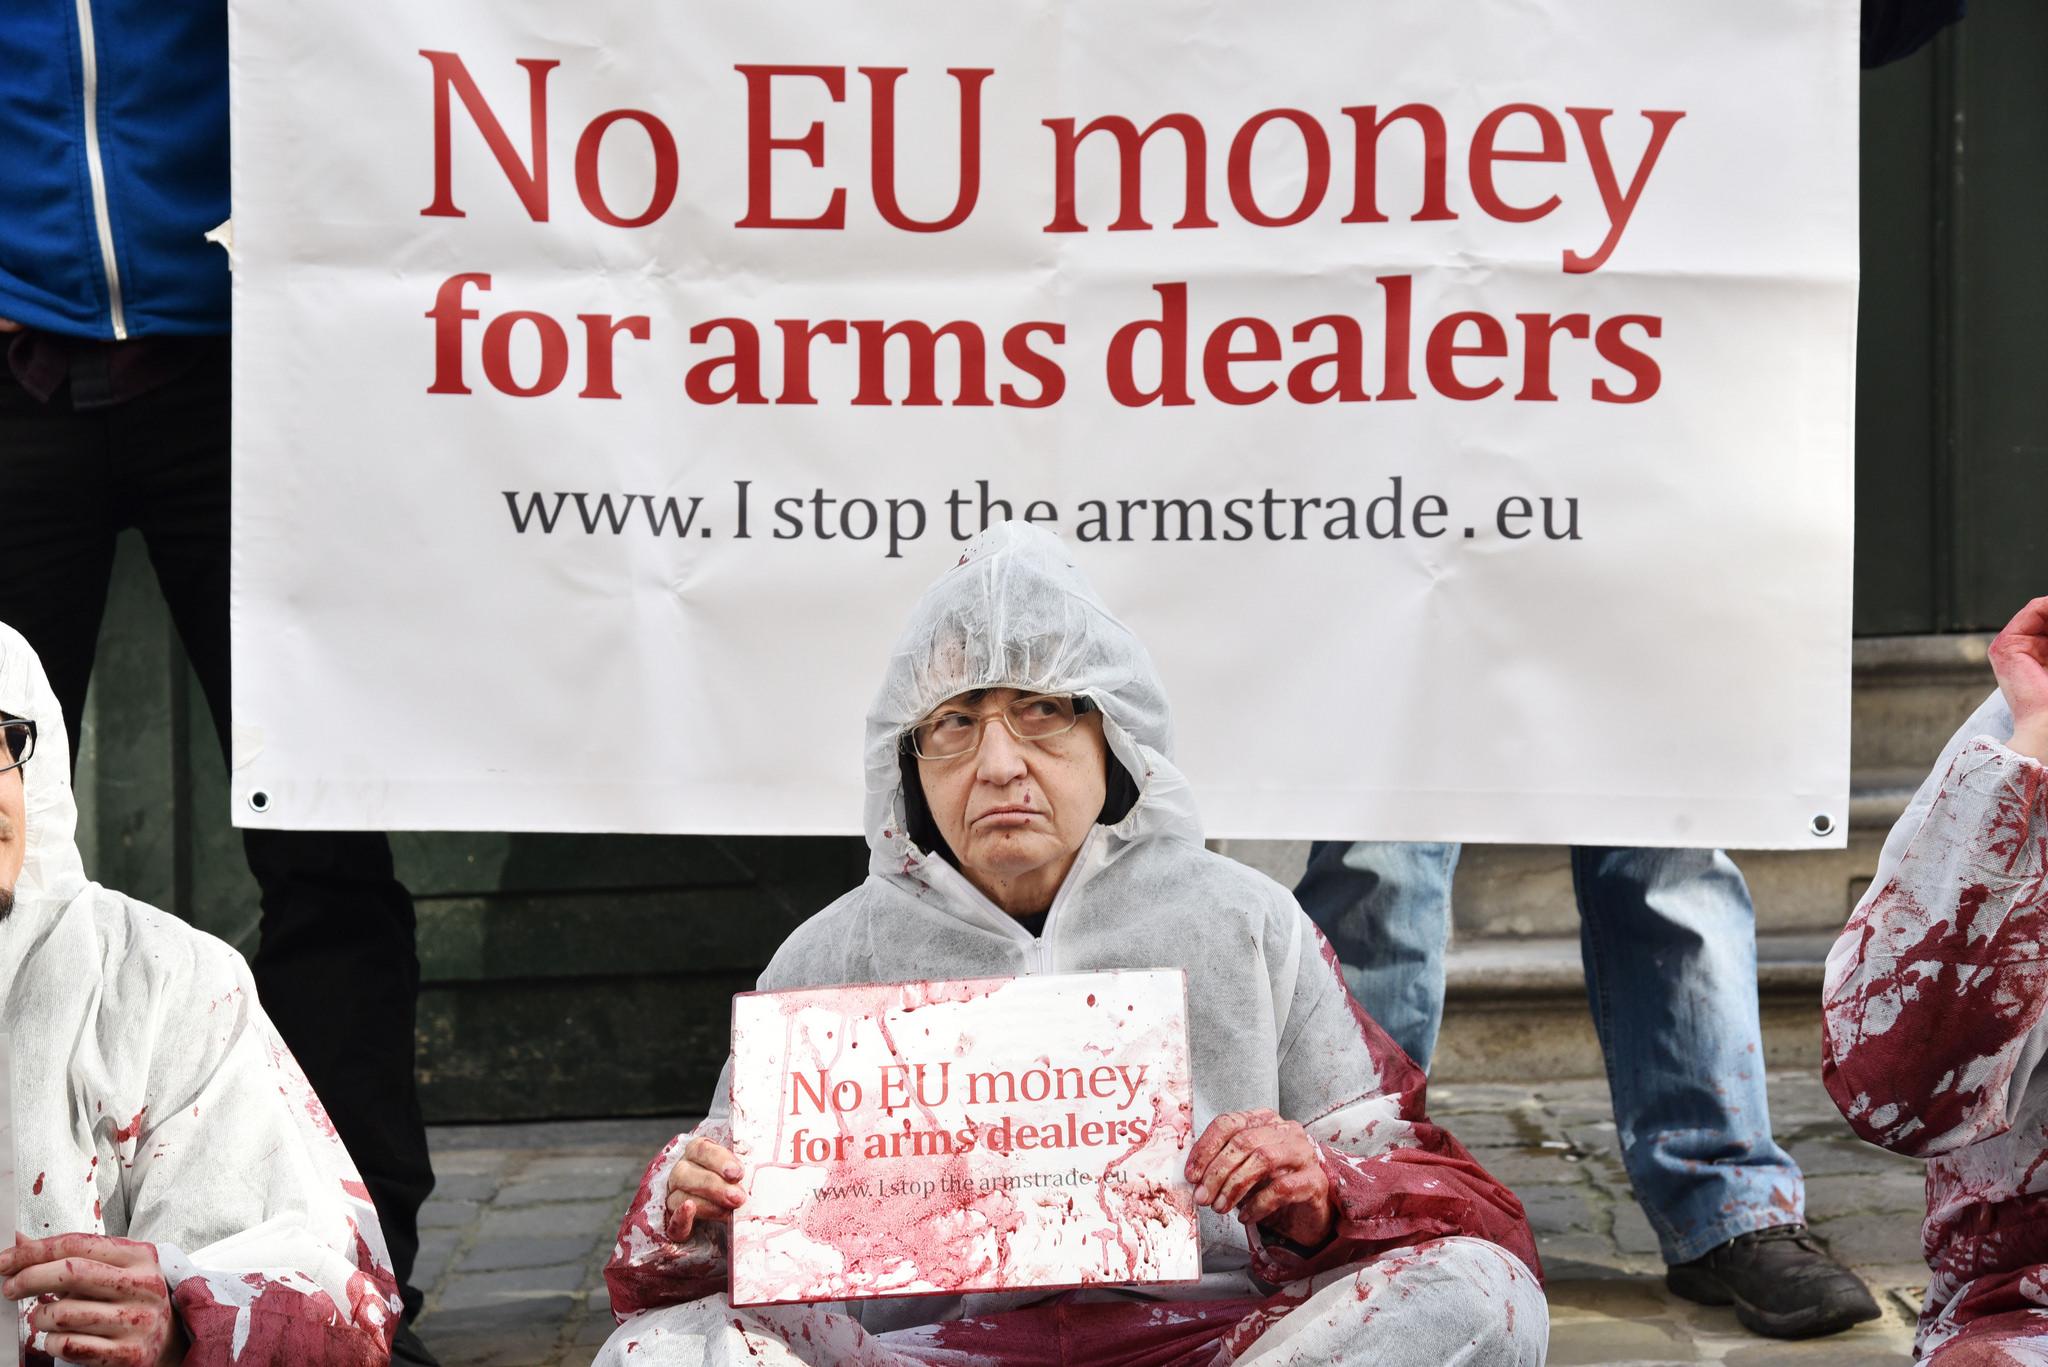 """I Stop the Arms Trade [Ni ere Arma Salerosketa Geldiarazten] erakundeak zabaldutako irudian, ekintzaile bat odol koloreko tintaz zikindua: """"Europar Batasunaren dirurik ez arma saltzaileentzat"""" dio atzeko afixak. Europak, estatuek eta baita gobernu autonom"""